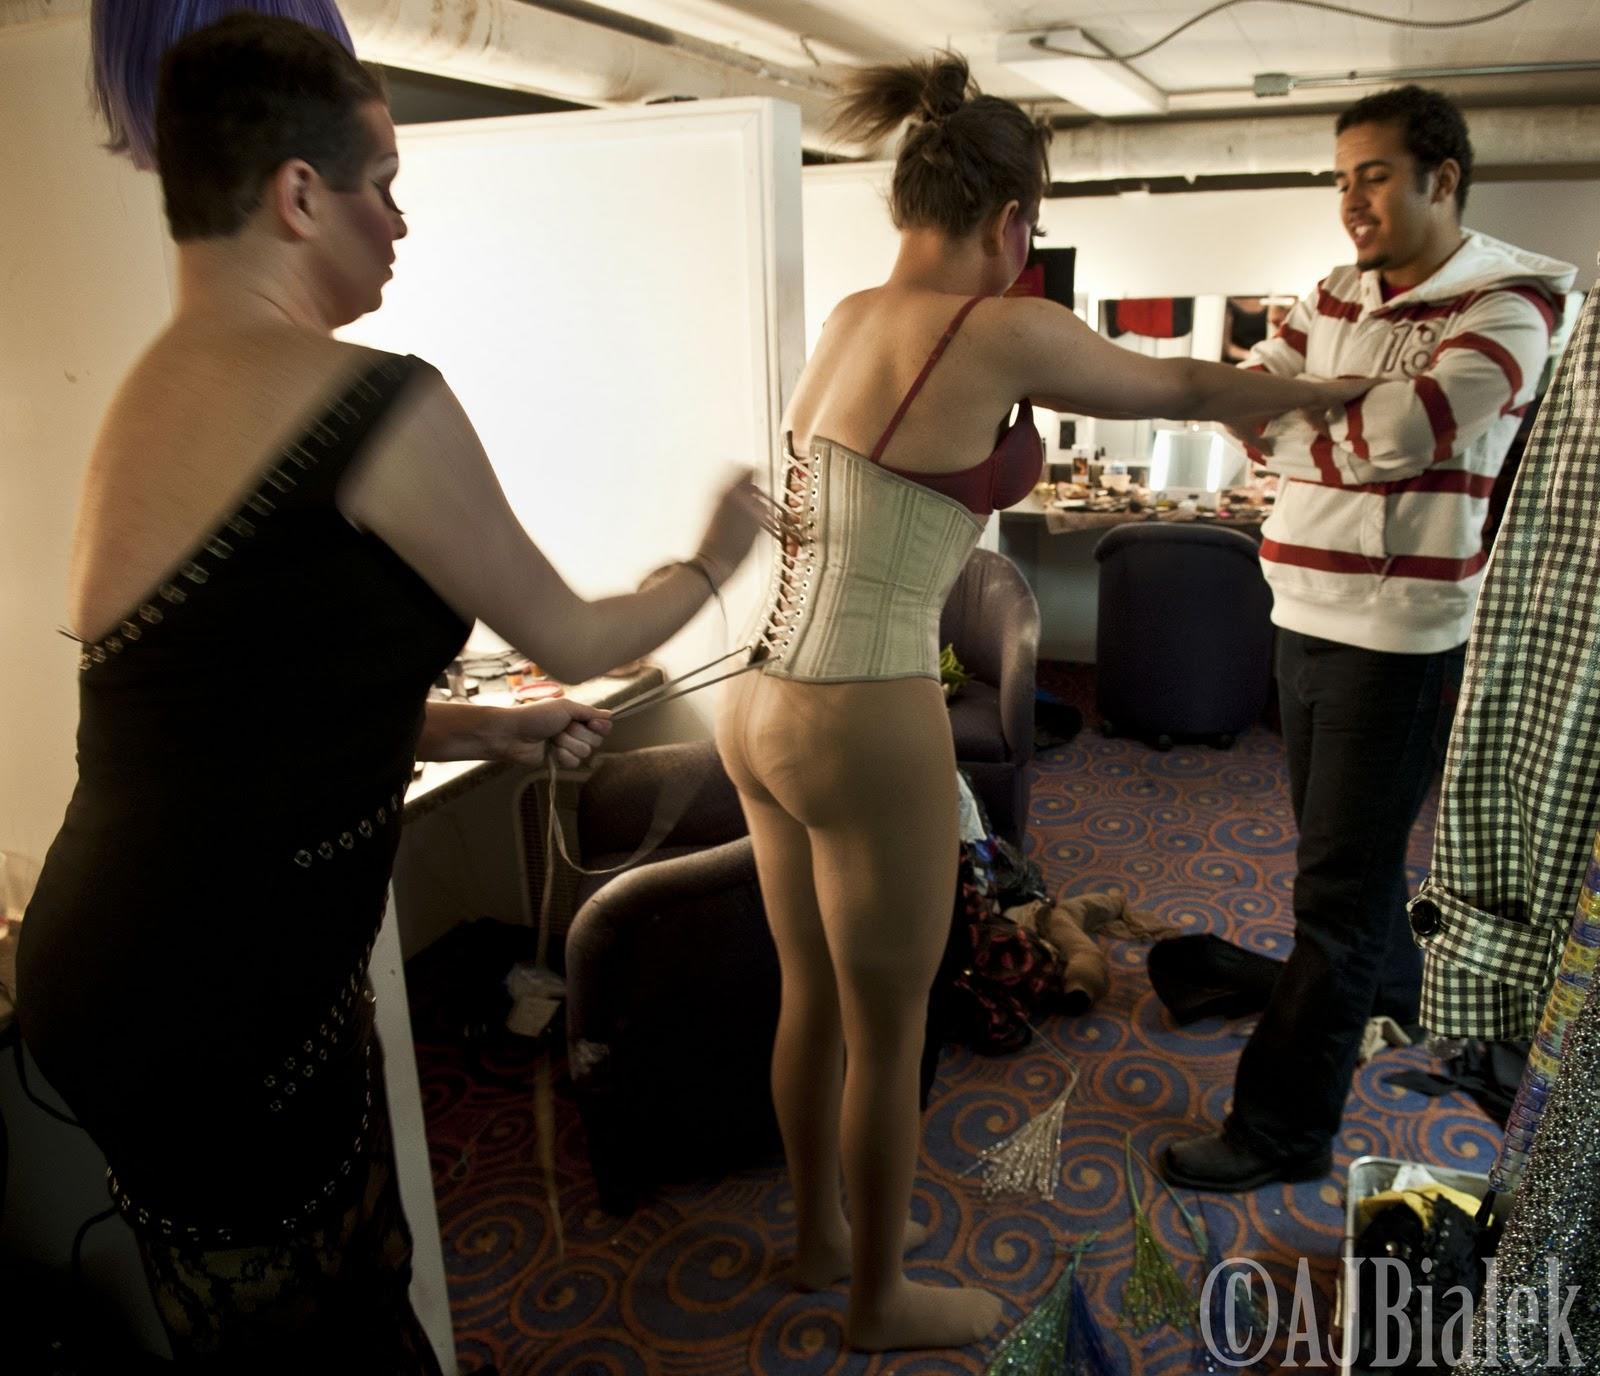 Male strip show ohio